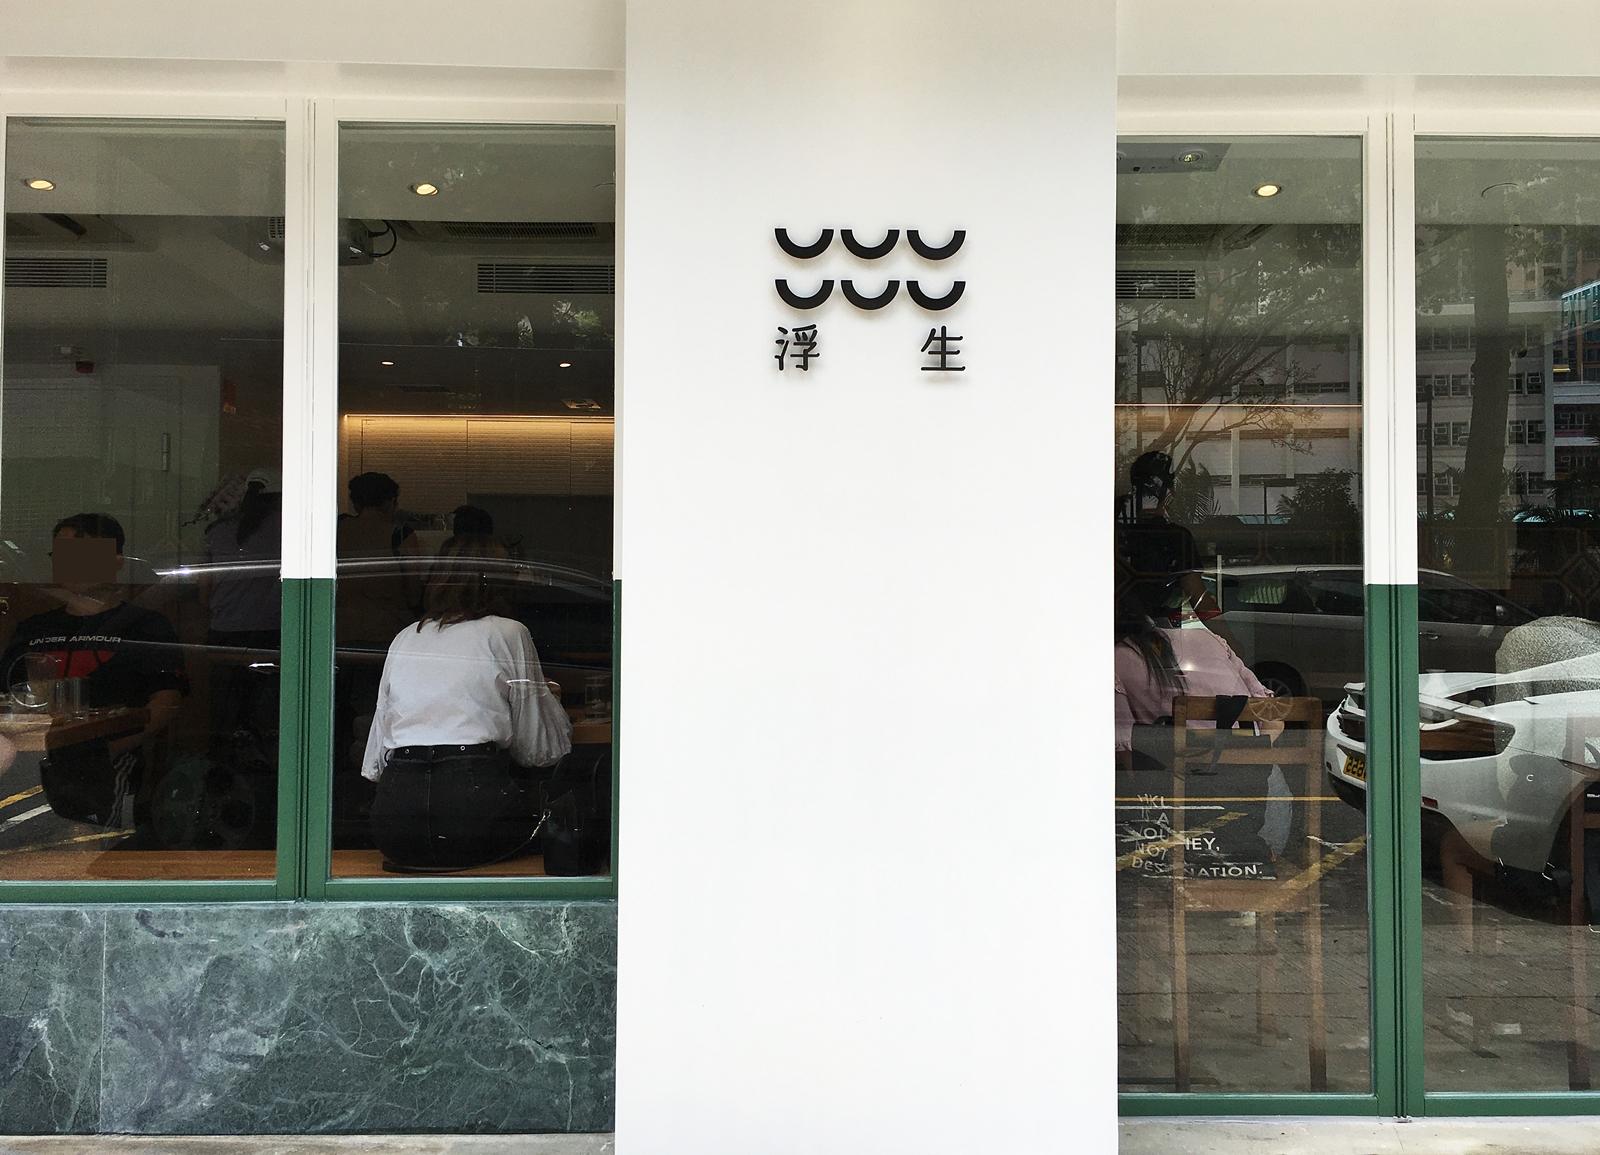 [香港咖啡店] 大角咀Cafe | 浮生:簡約清新咖啡小店吃日式輕食 | 《早餐女皇之蔬食日常》